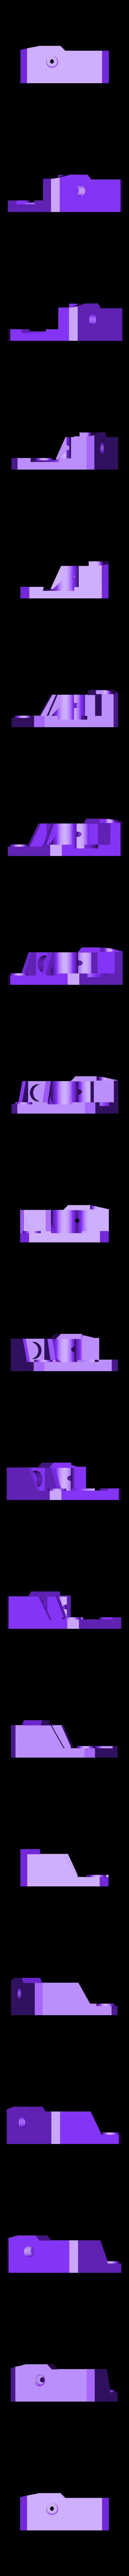 m6.stl Télécharger fichier STL gratuit Extrudeuse Ultimate creality cr10 (happy edition) (filaments flexibles) • Design à imprimer en 3D, raffosan